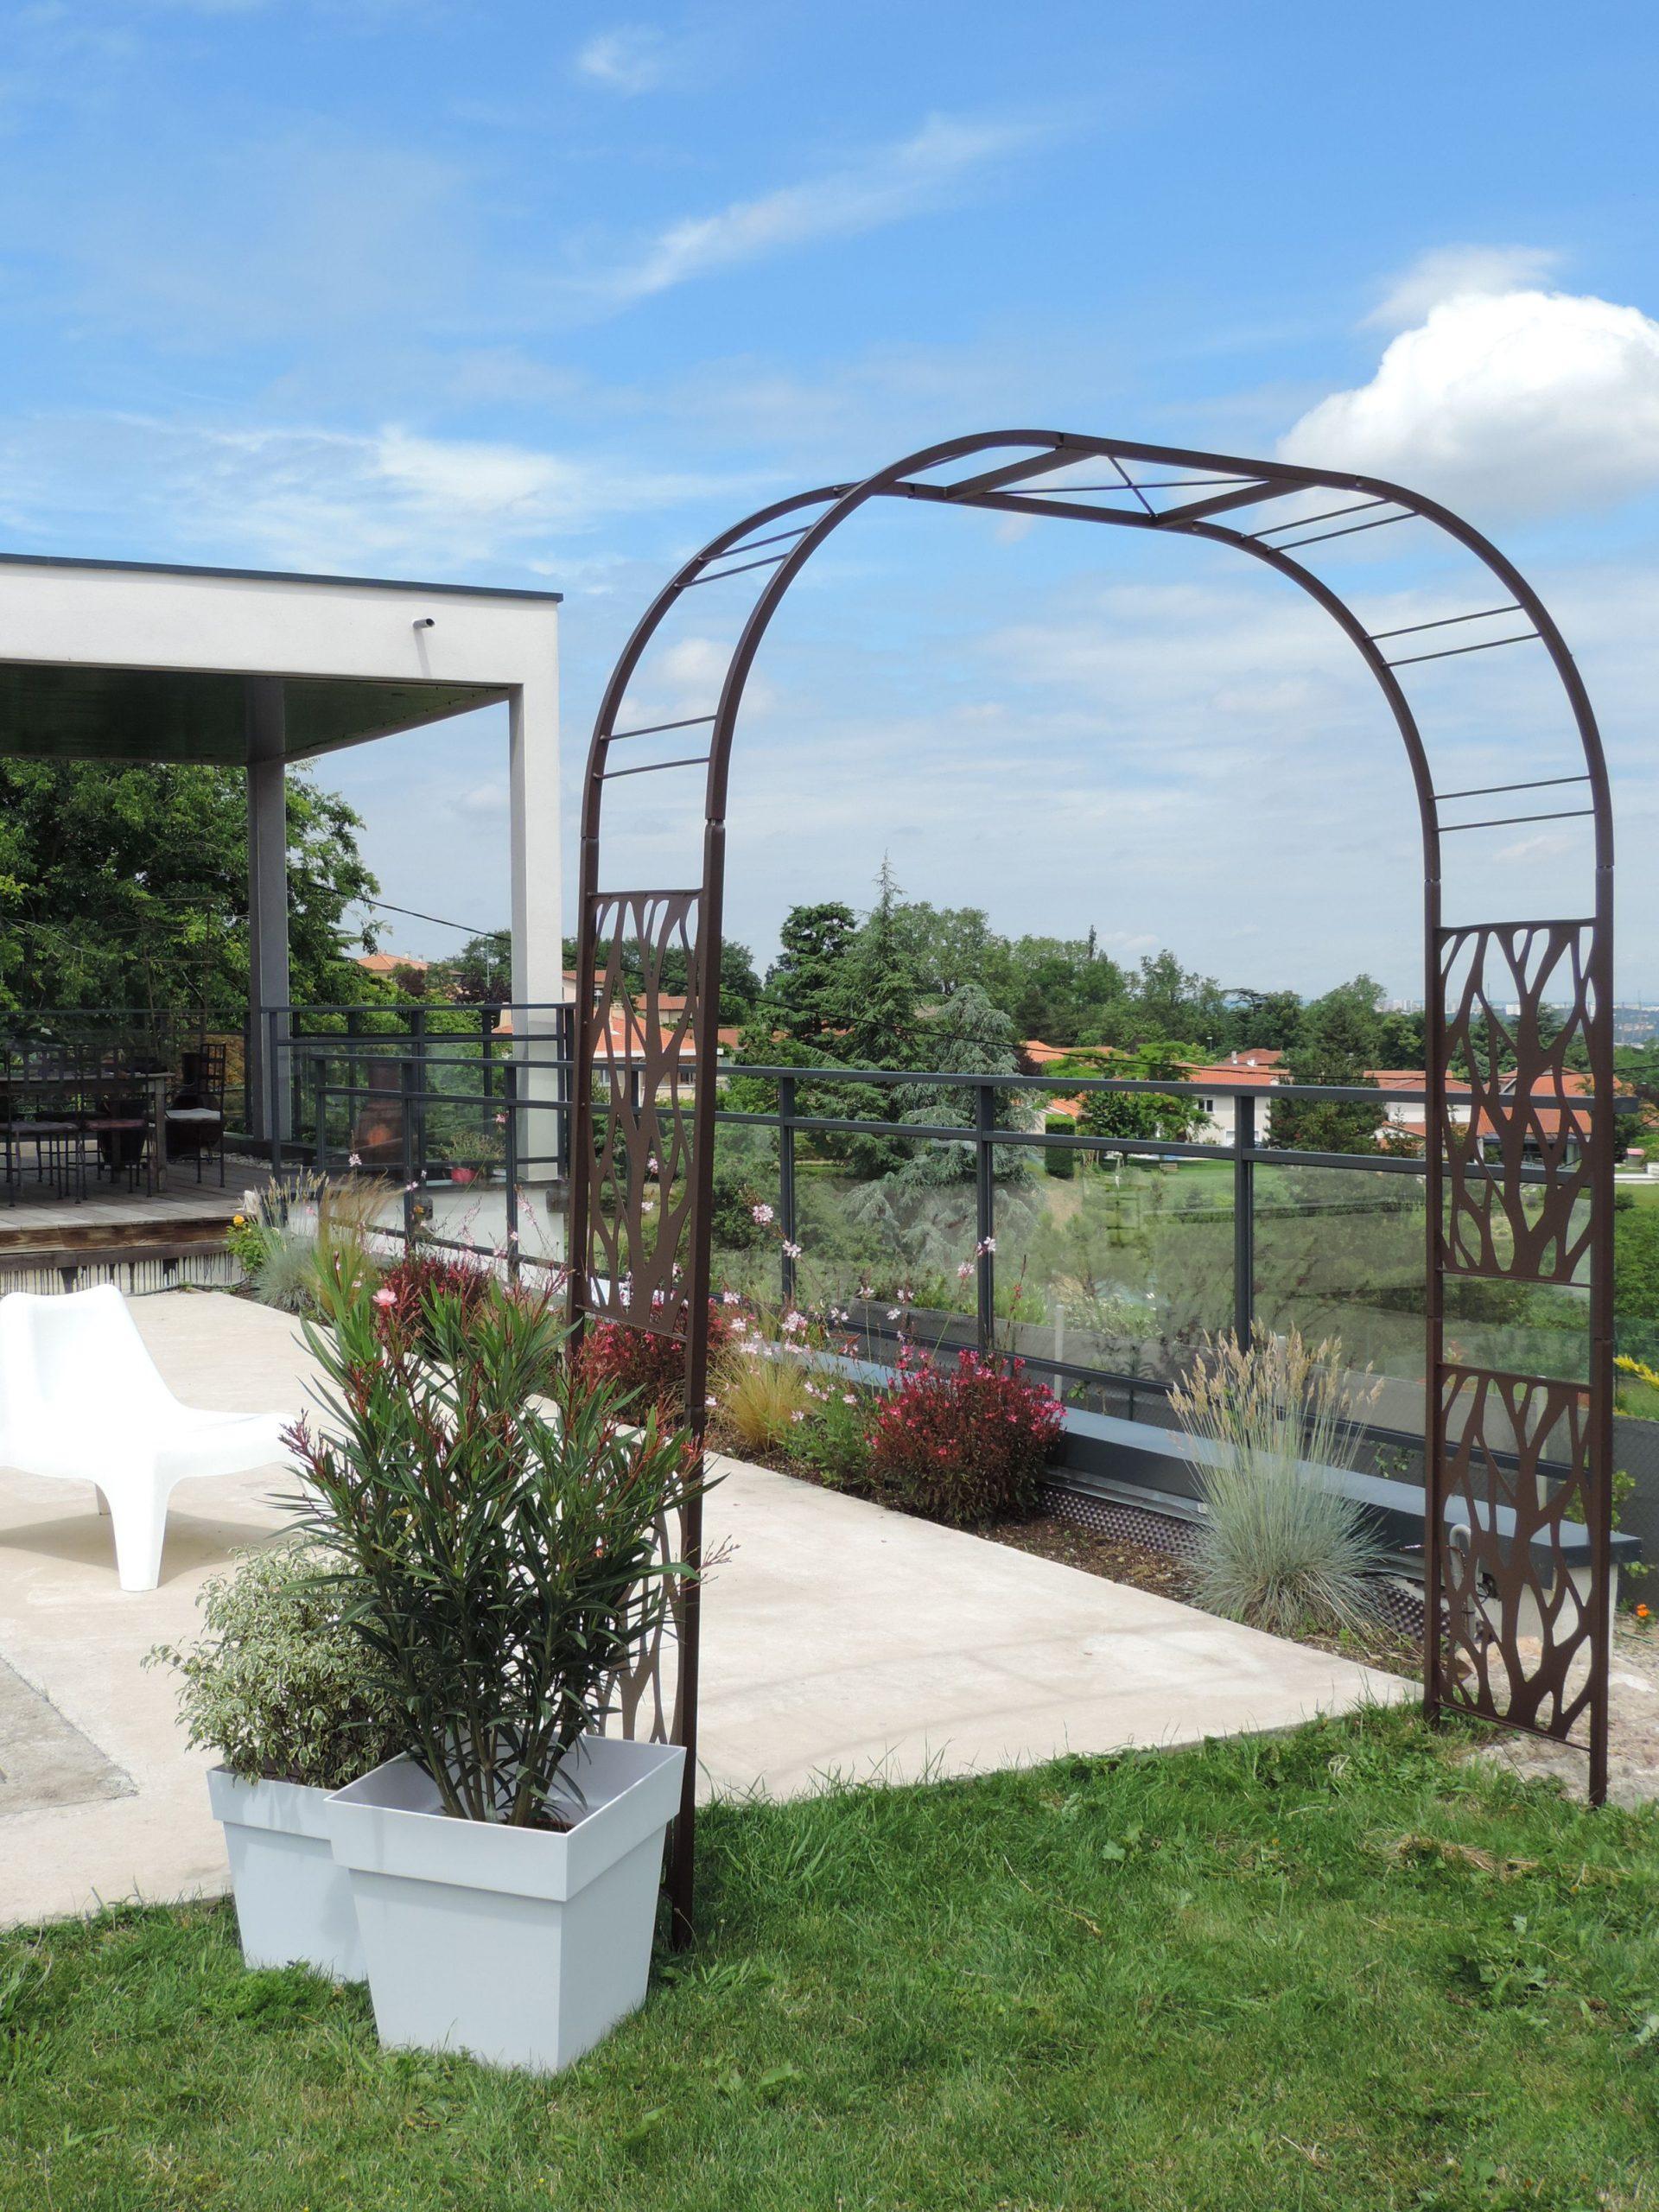 Cette Arche De Jardin, Double En Métal Au Design ... pour Arche De Jardin En Fer